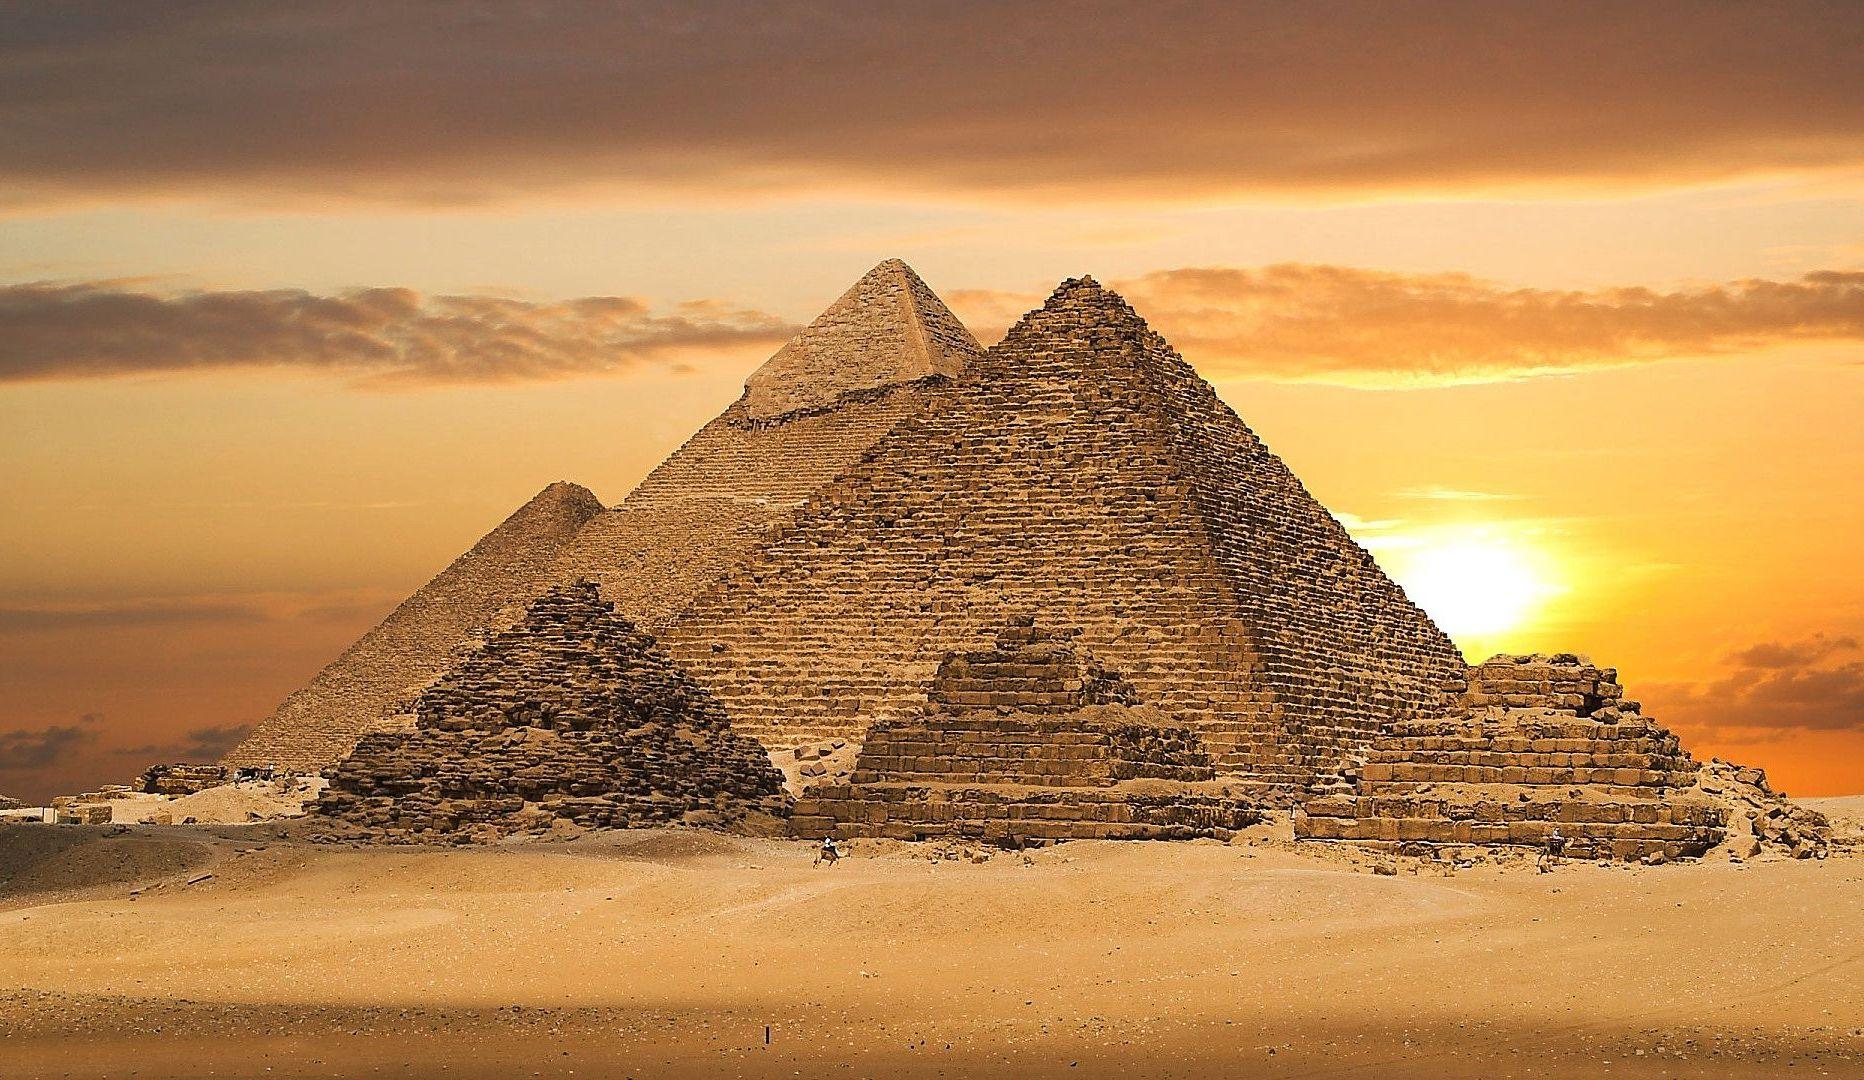 Pyramids _Pretty